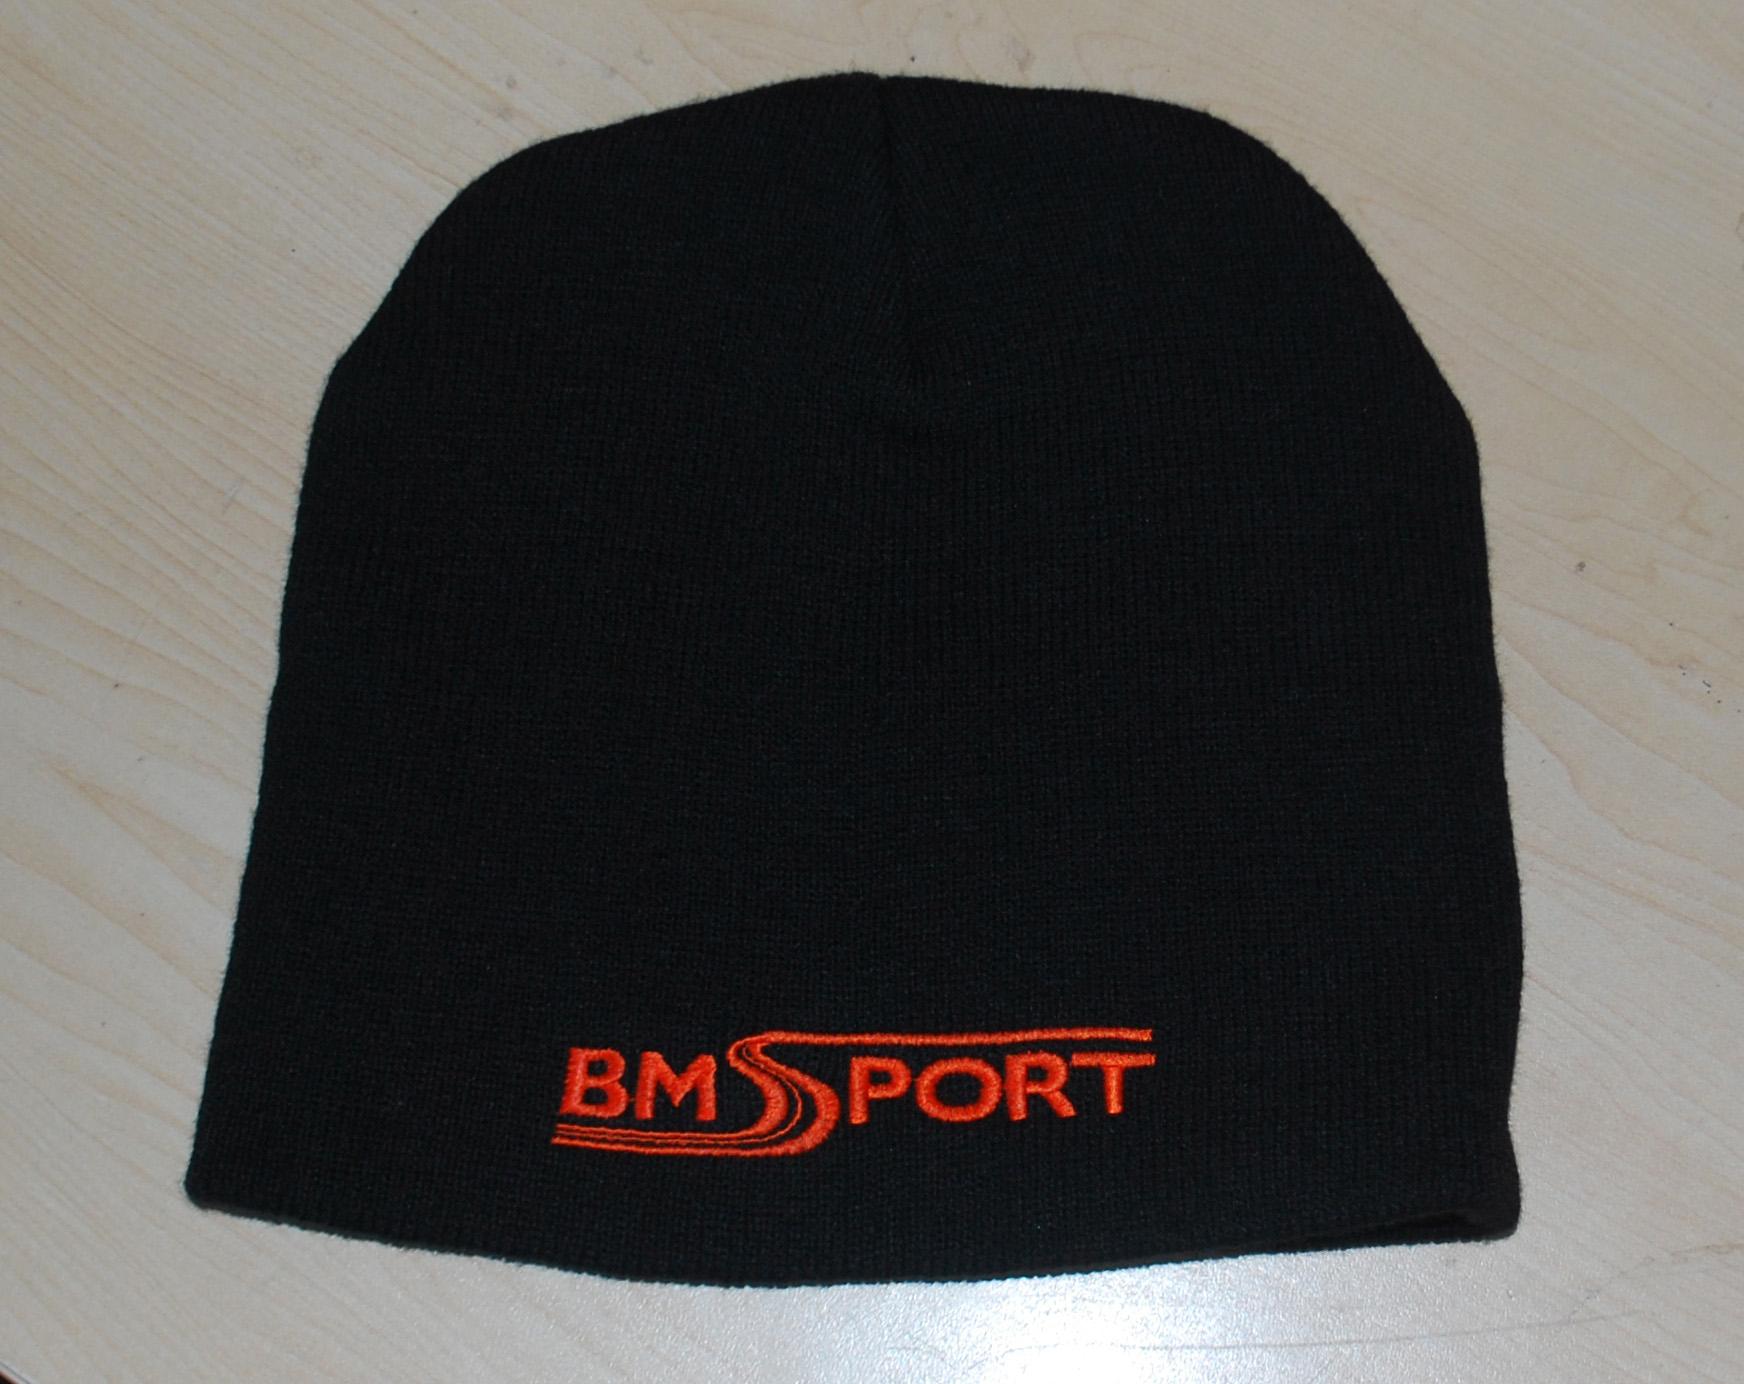 BMSport Beanie